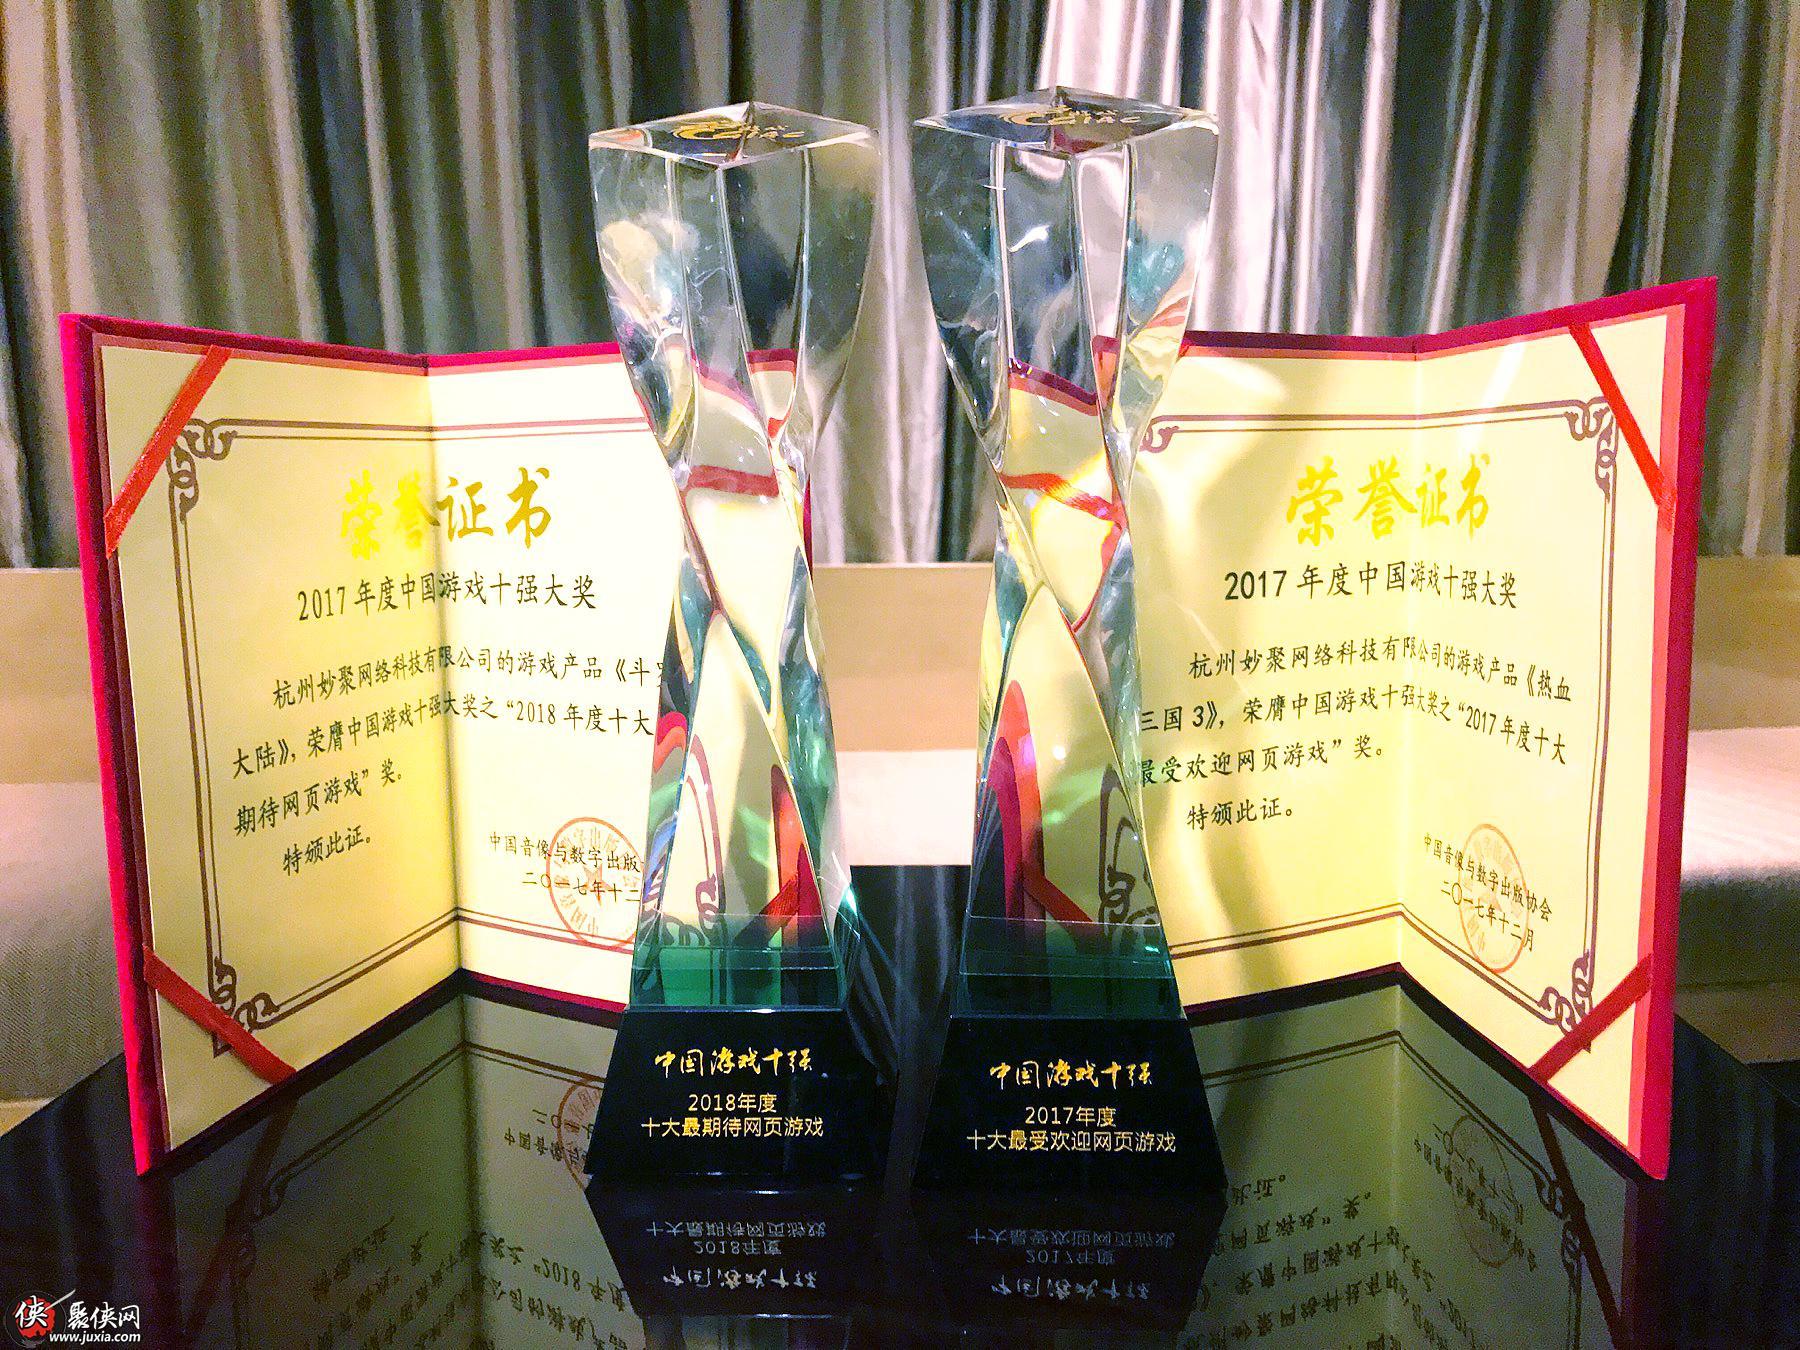 """聚焦SLG,妙聚斩获两项连锁母婴 品牌有哪些 培训学校""""2017游戏十强""""大奖"""